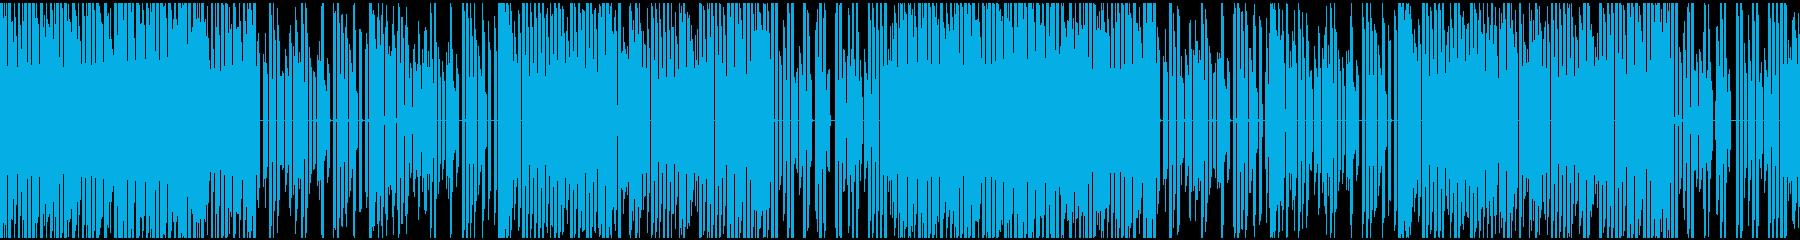 ファミコン風ちょっと切ないBGMの再生済みの波形